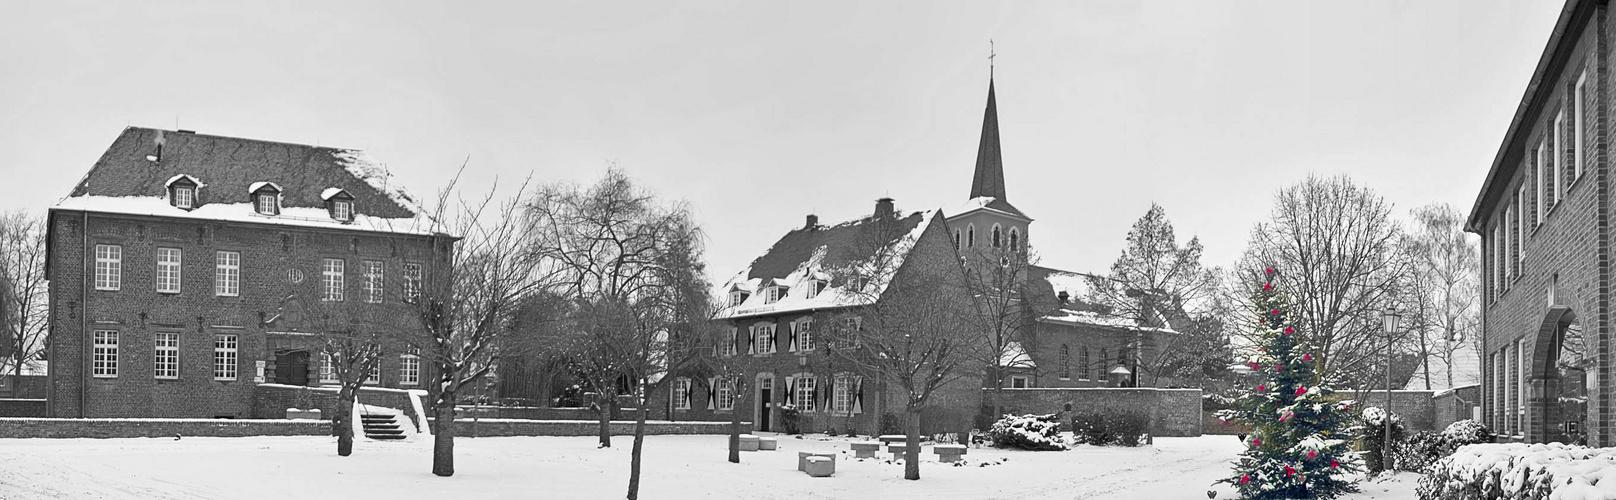 Rathausplatz Niederzier